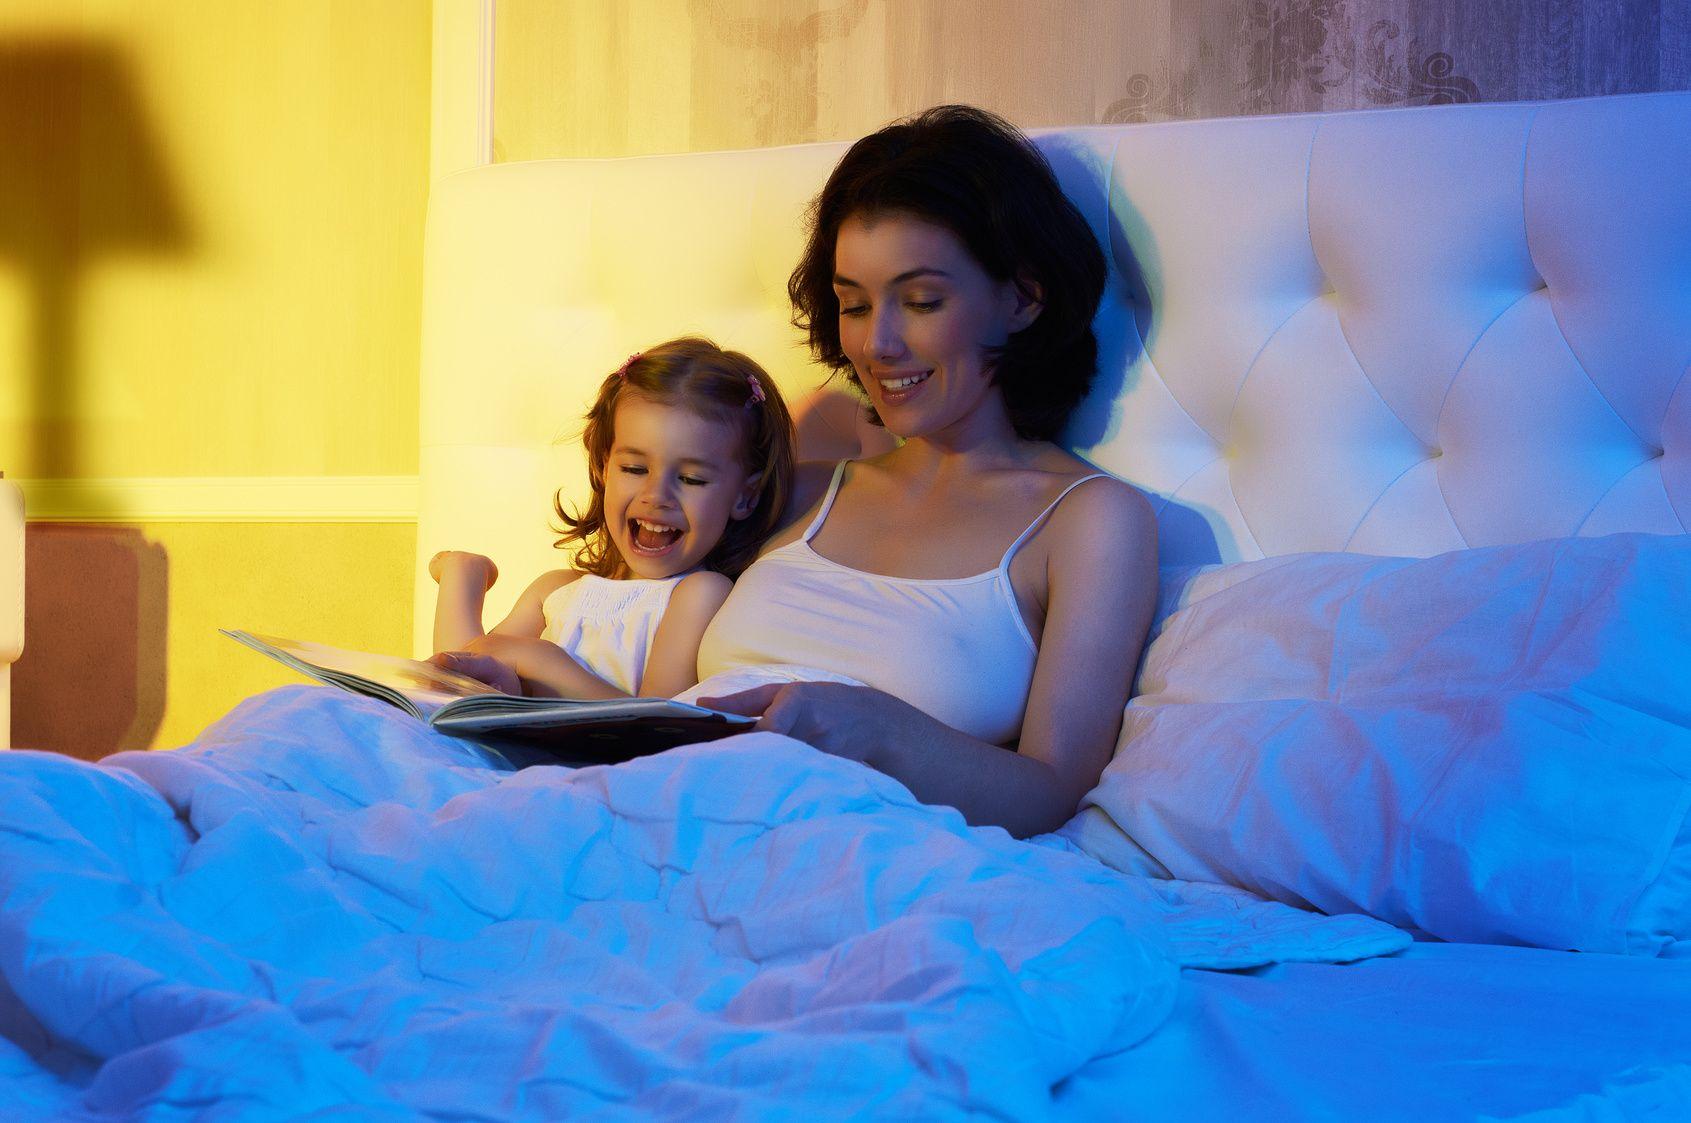 Vanhemmat huomio! Tällainen on täydellinen iltasatu